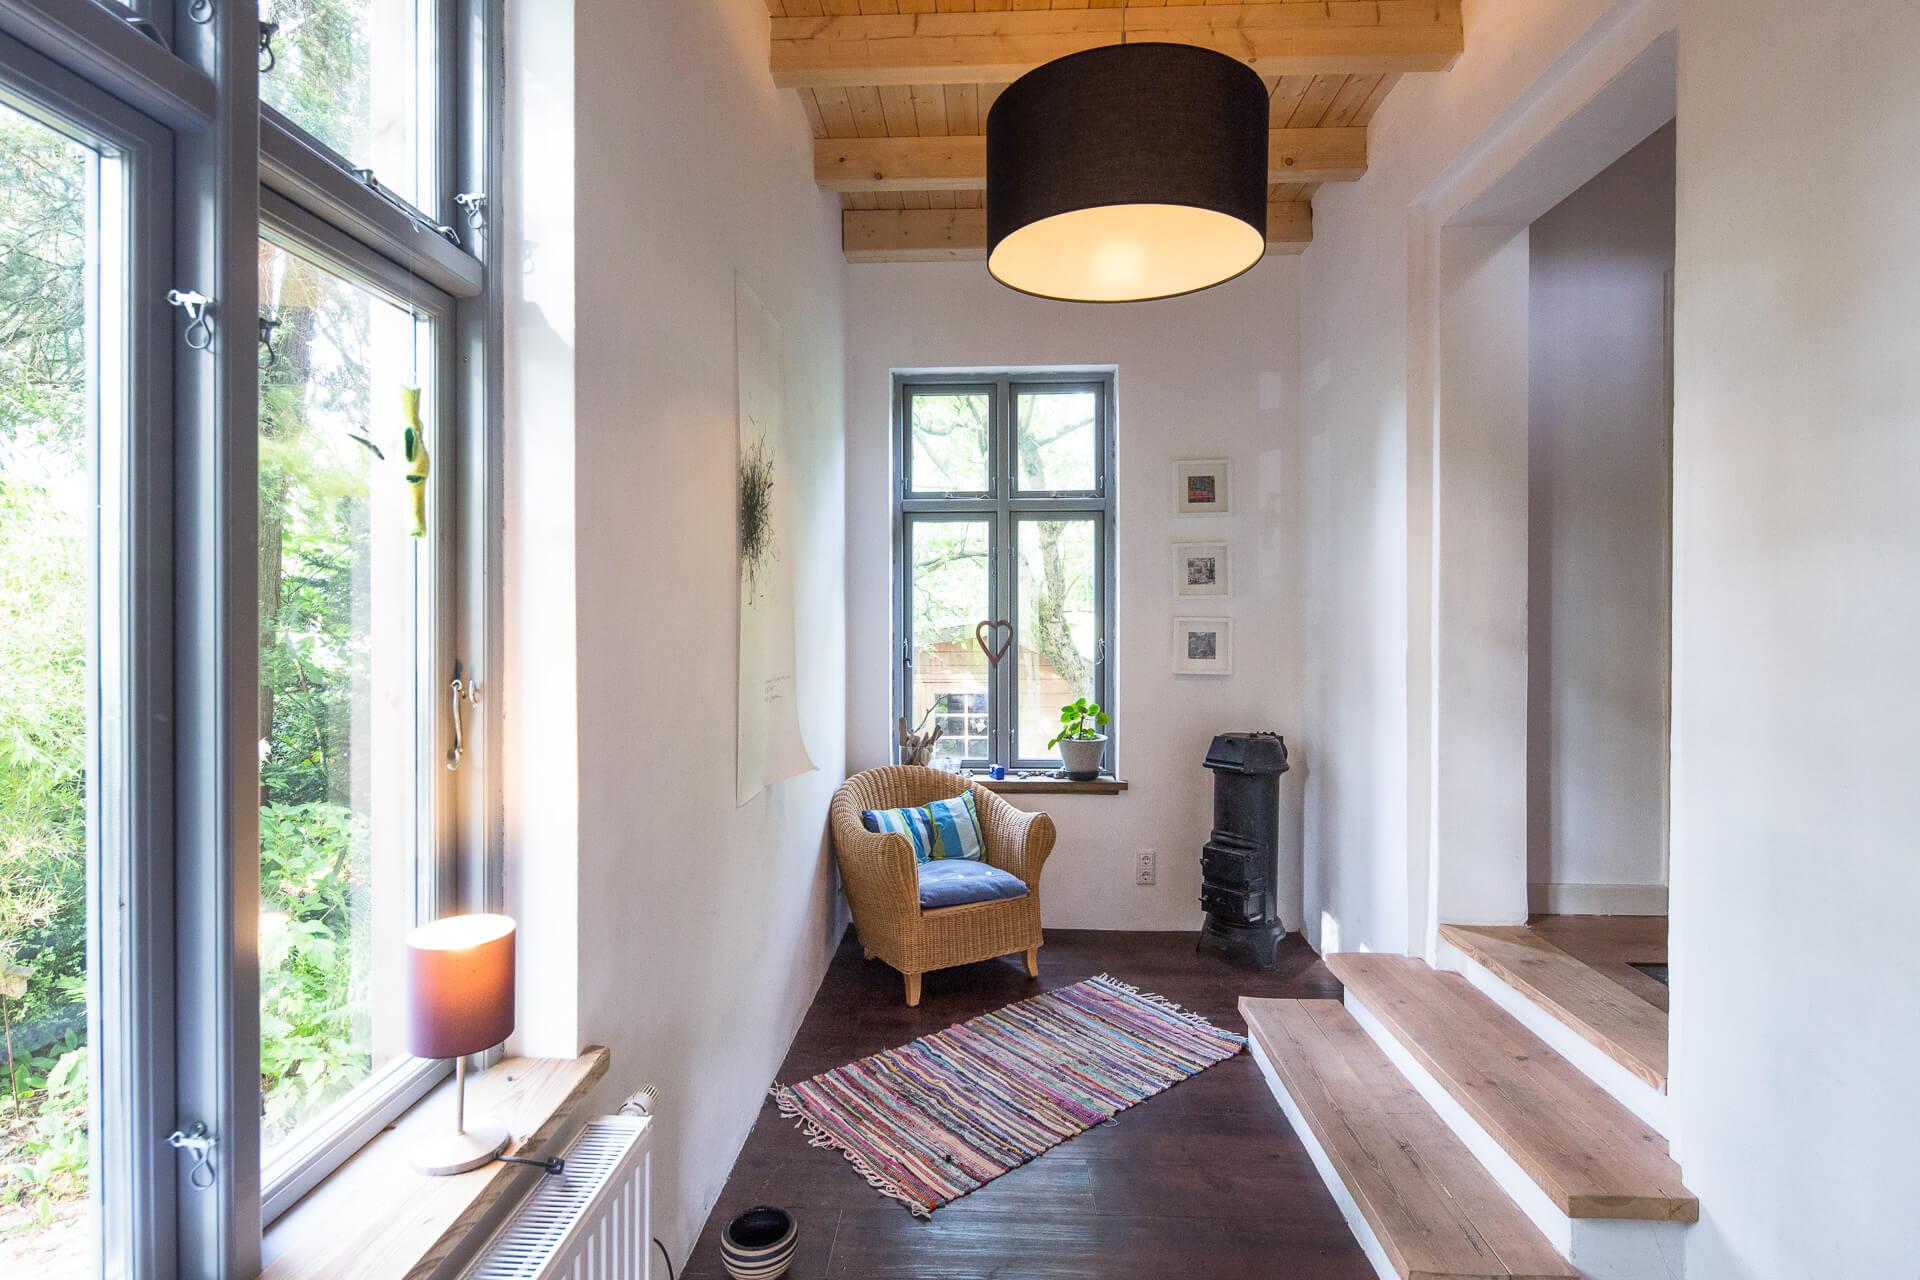 sessel flur top jennylund sessel with sessel flur. Black Bedroom Furniture Sets. Home Design Ideas